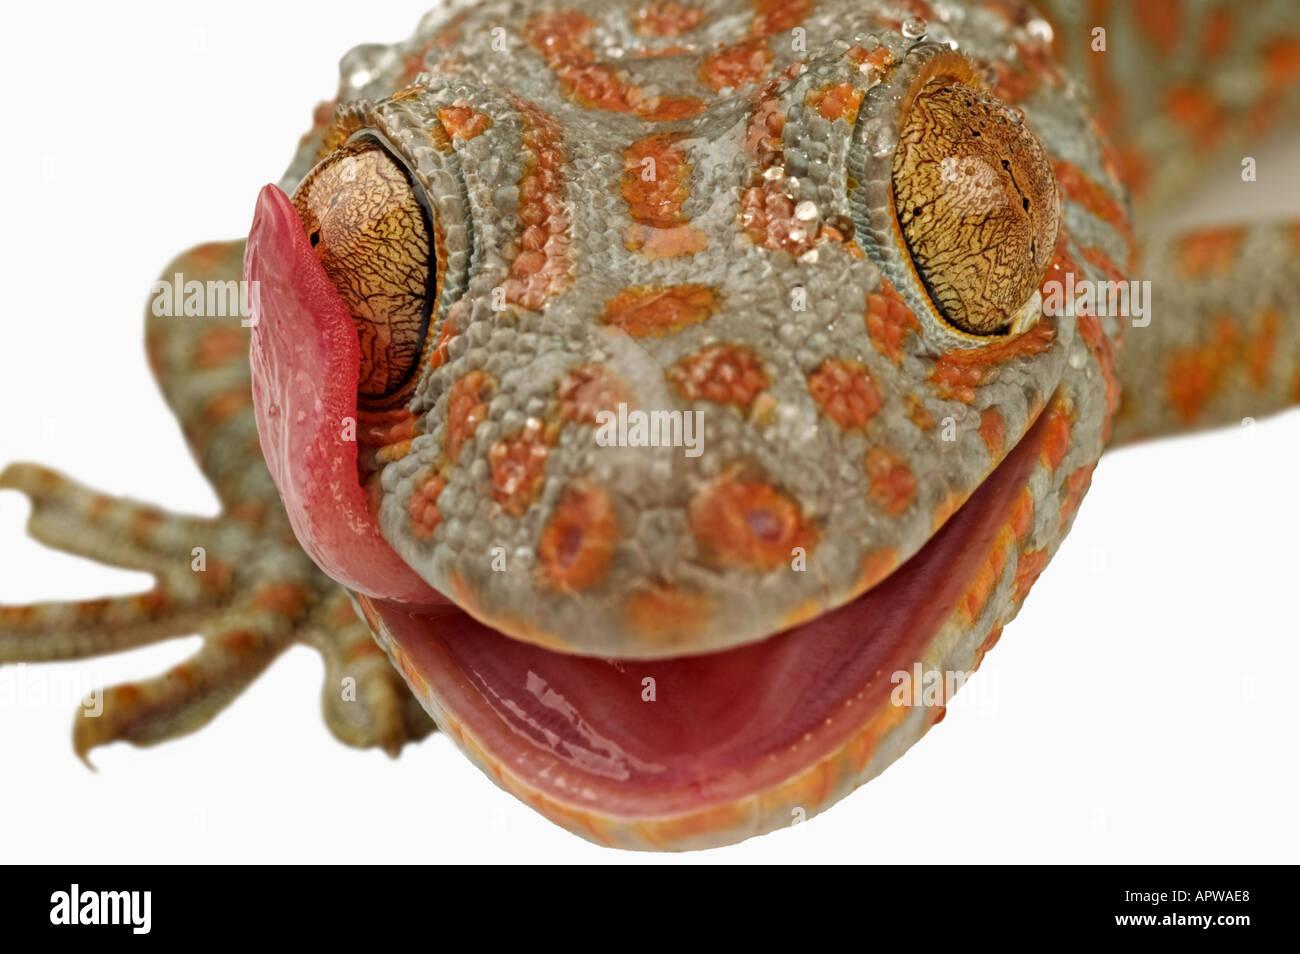 Vino di Tokay gecko Gekko gecko usando la lingua per pulire occhio Dist Sud Est asiatico Immagini Stock